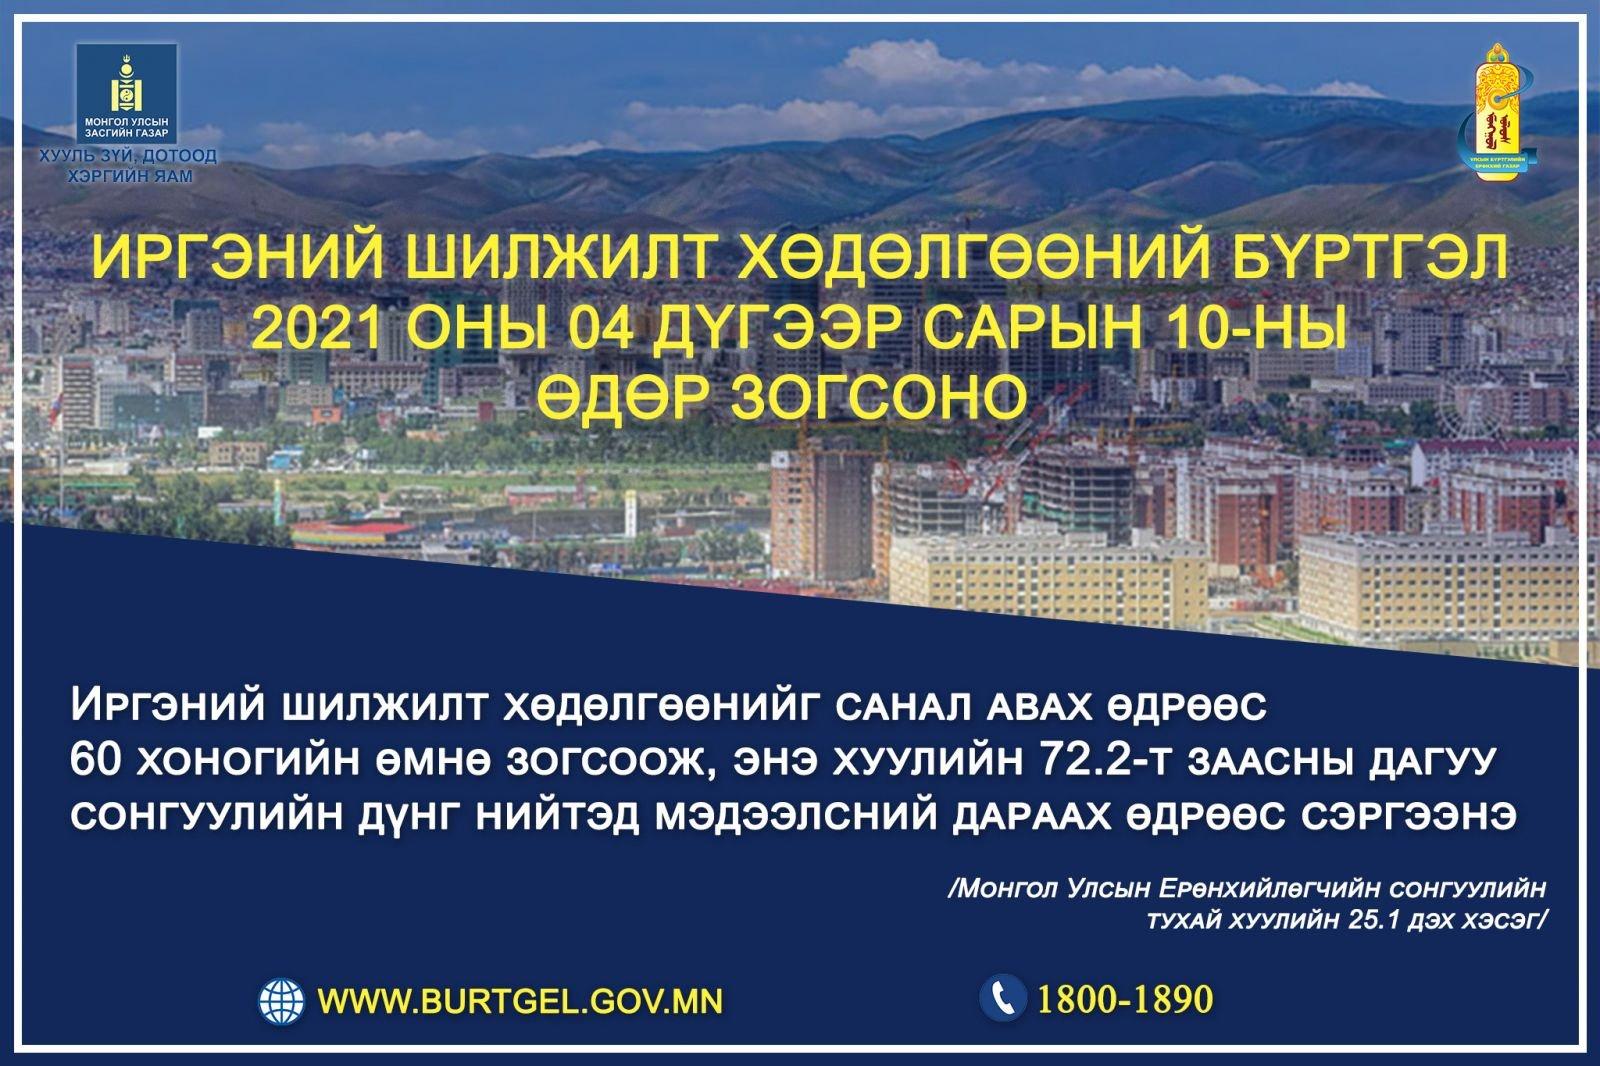 Иргэний шилжилт хөдөлгөөний бүртгэл 2021 оны 04 дүгээр сарын 10-ны өдөр зогсоно